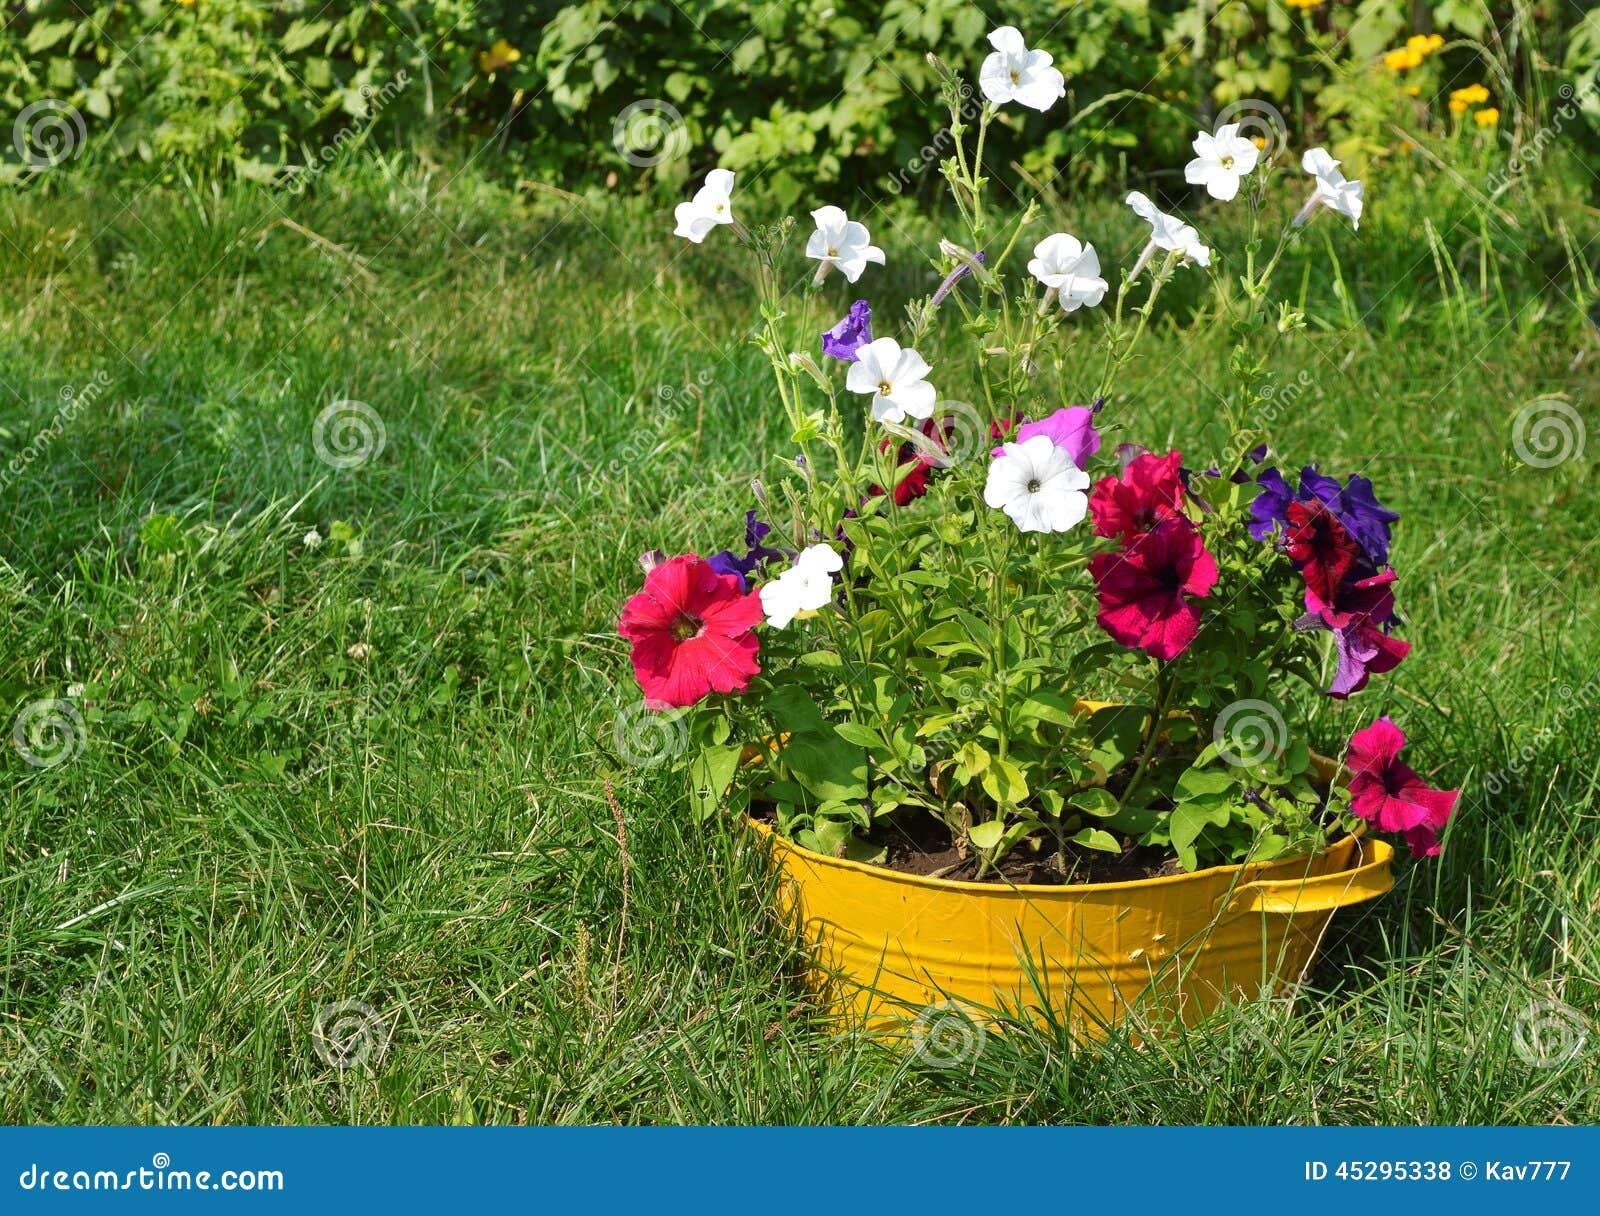 ideen f r garten blumen im waschbecken stockfoto bild von auslegung flora 45295338. Black Bedroom Furniture Sets. Home Design Ideas